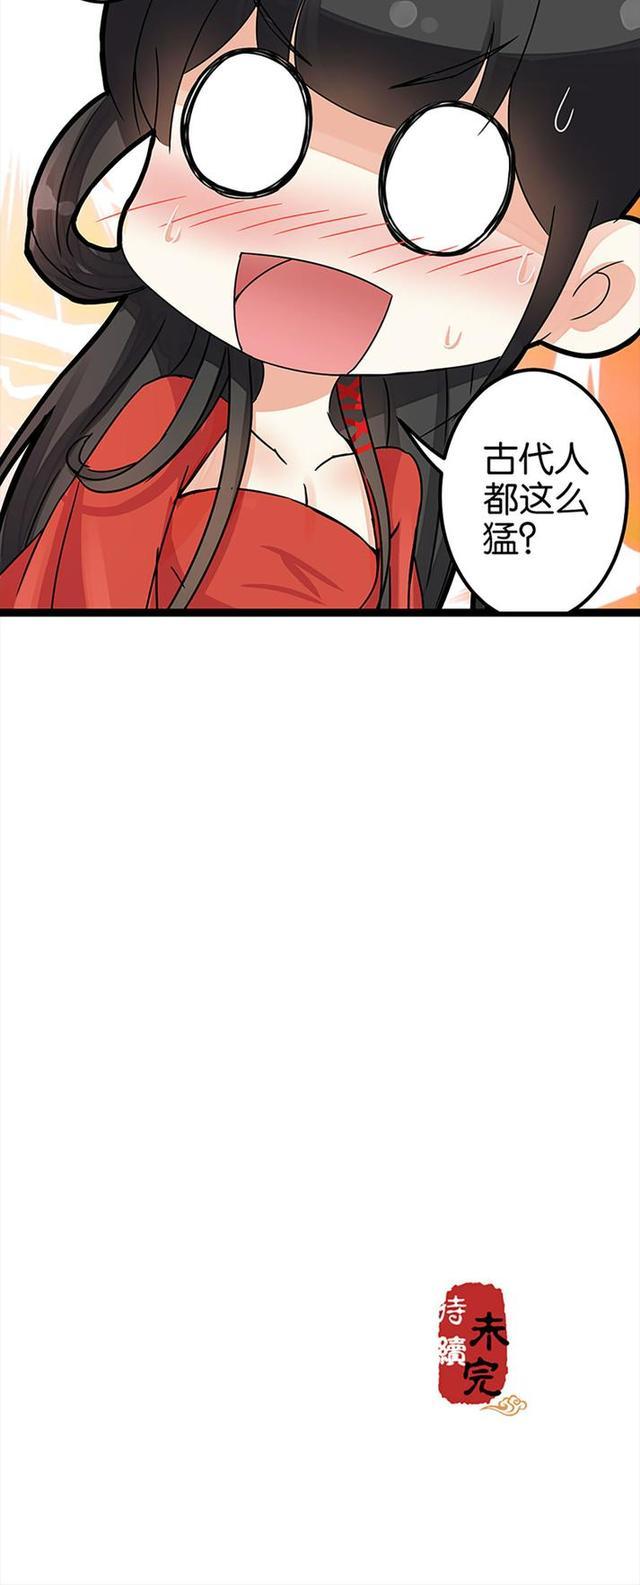 搞笑漫畫:剛穿越到古代,就看到兇殺現場,我真的是女主嗎? - 每日頭條